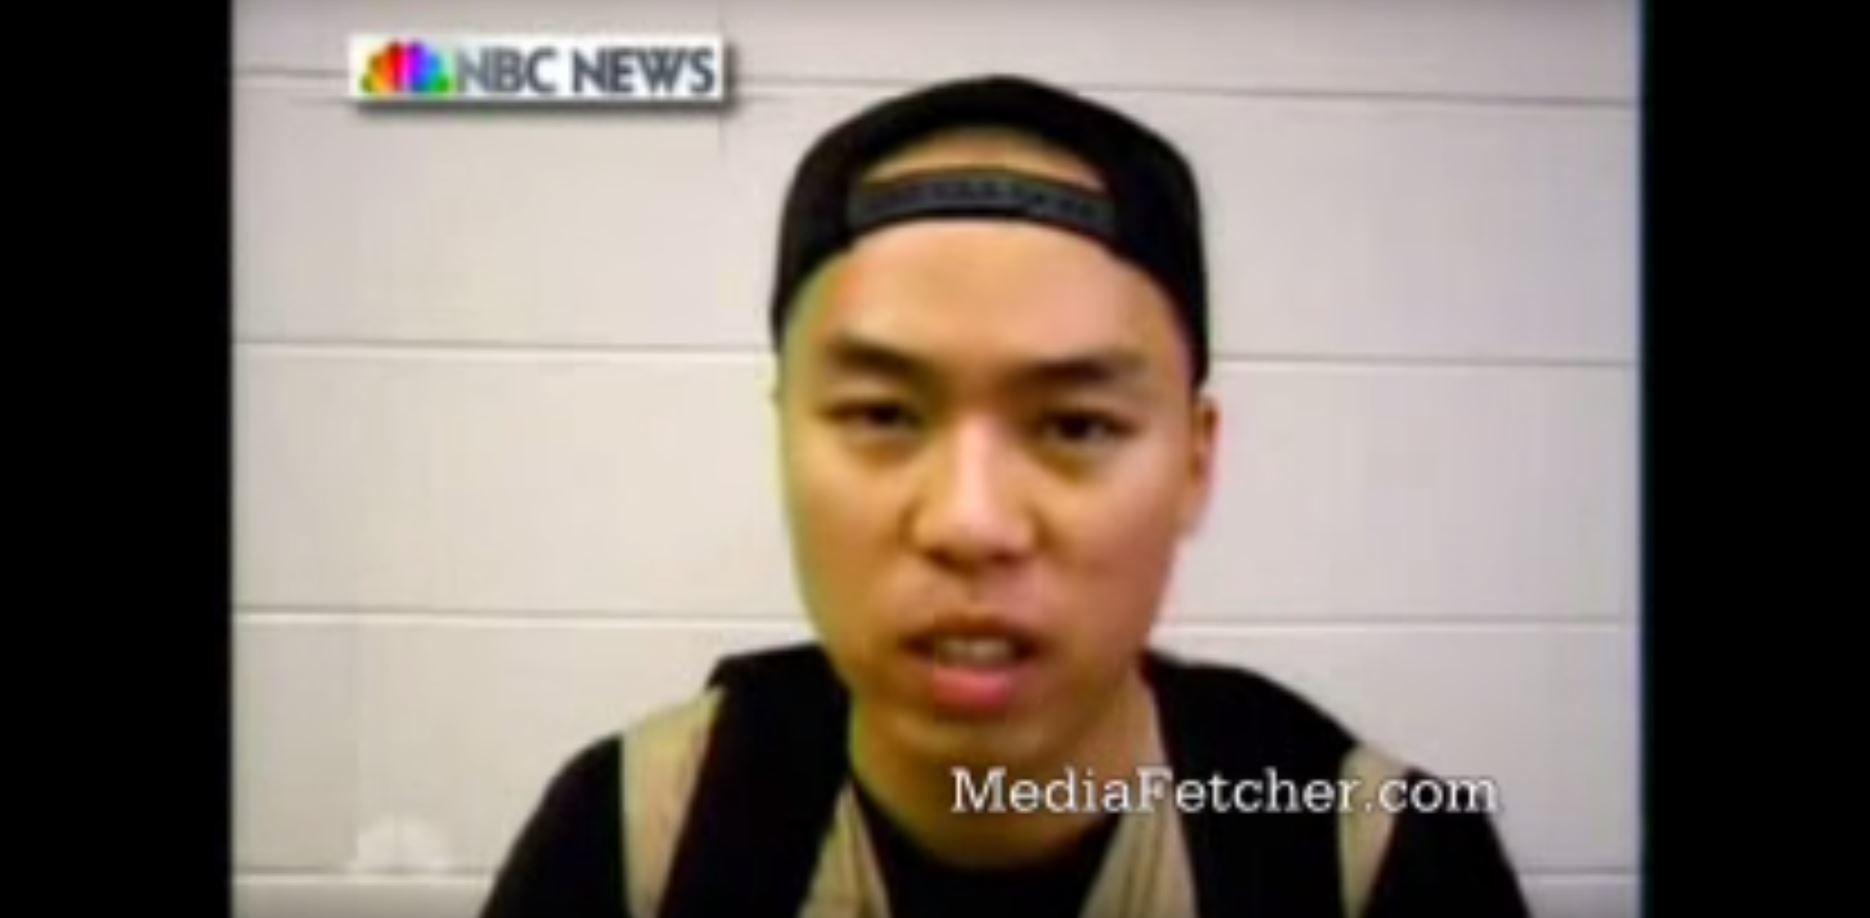 Le tueur de l'université de Virginia Tech avait envoyé une confession à une chaîne de télévision américaine.